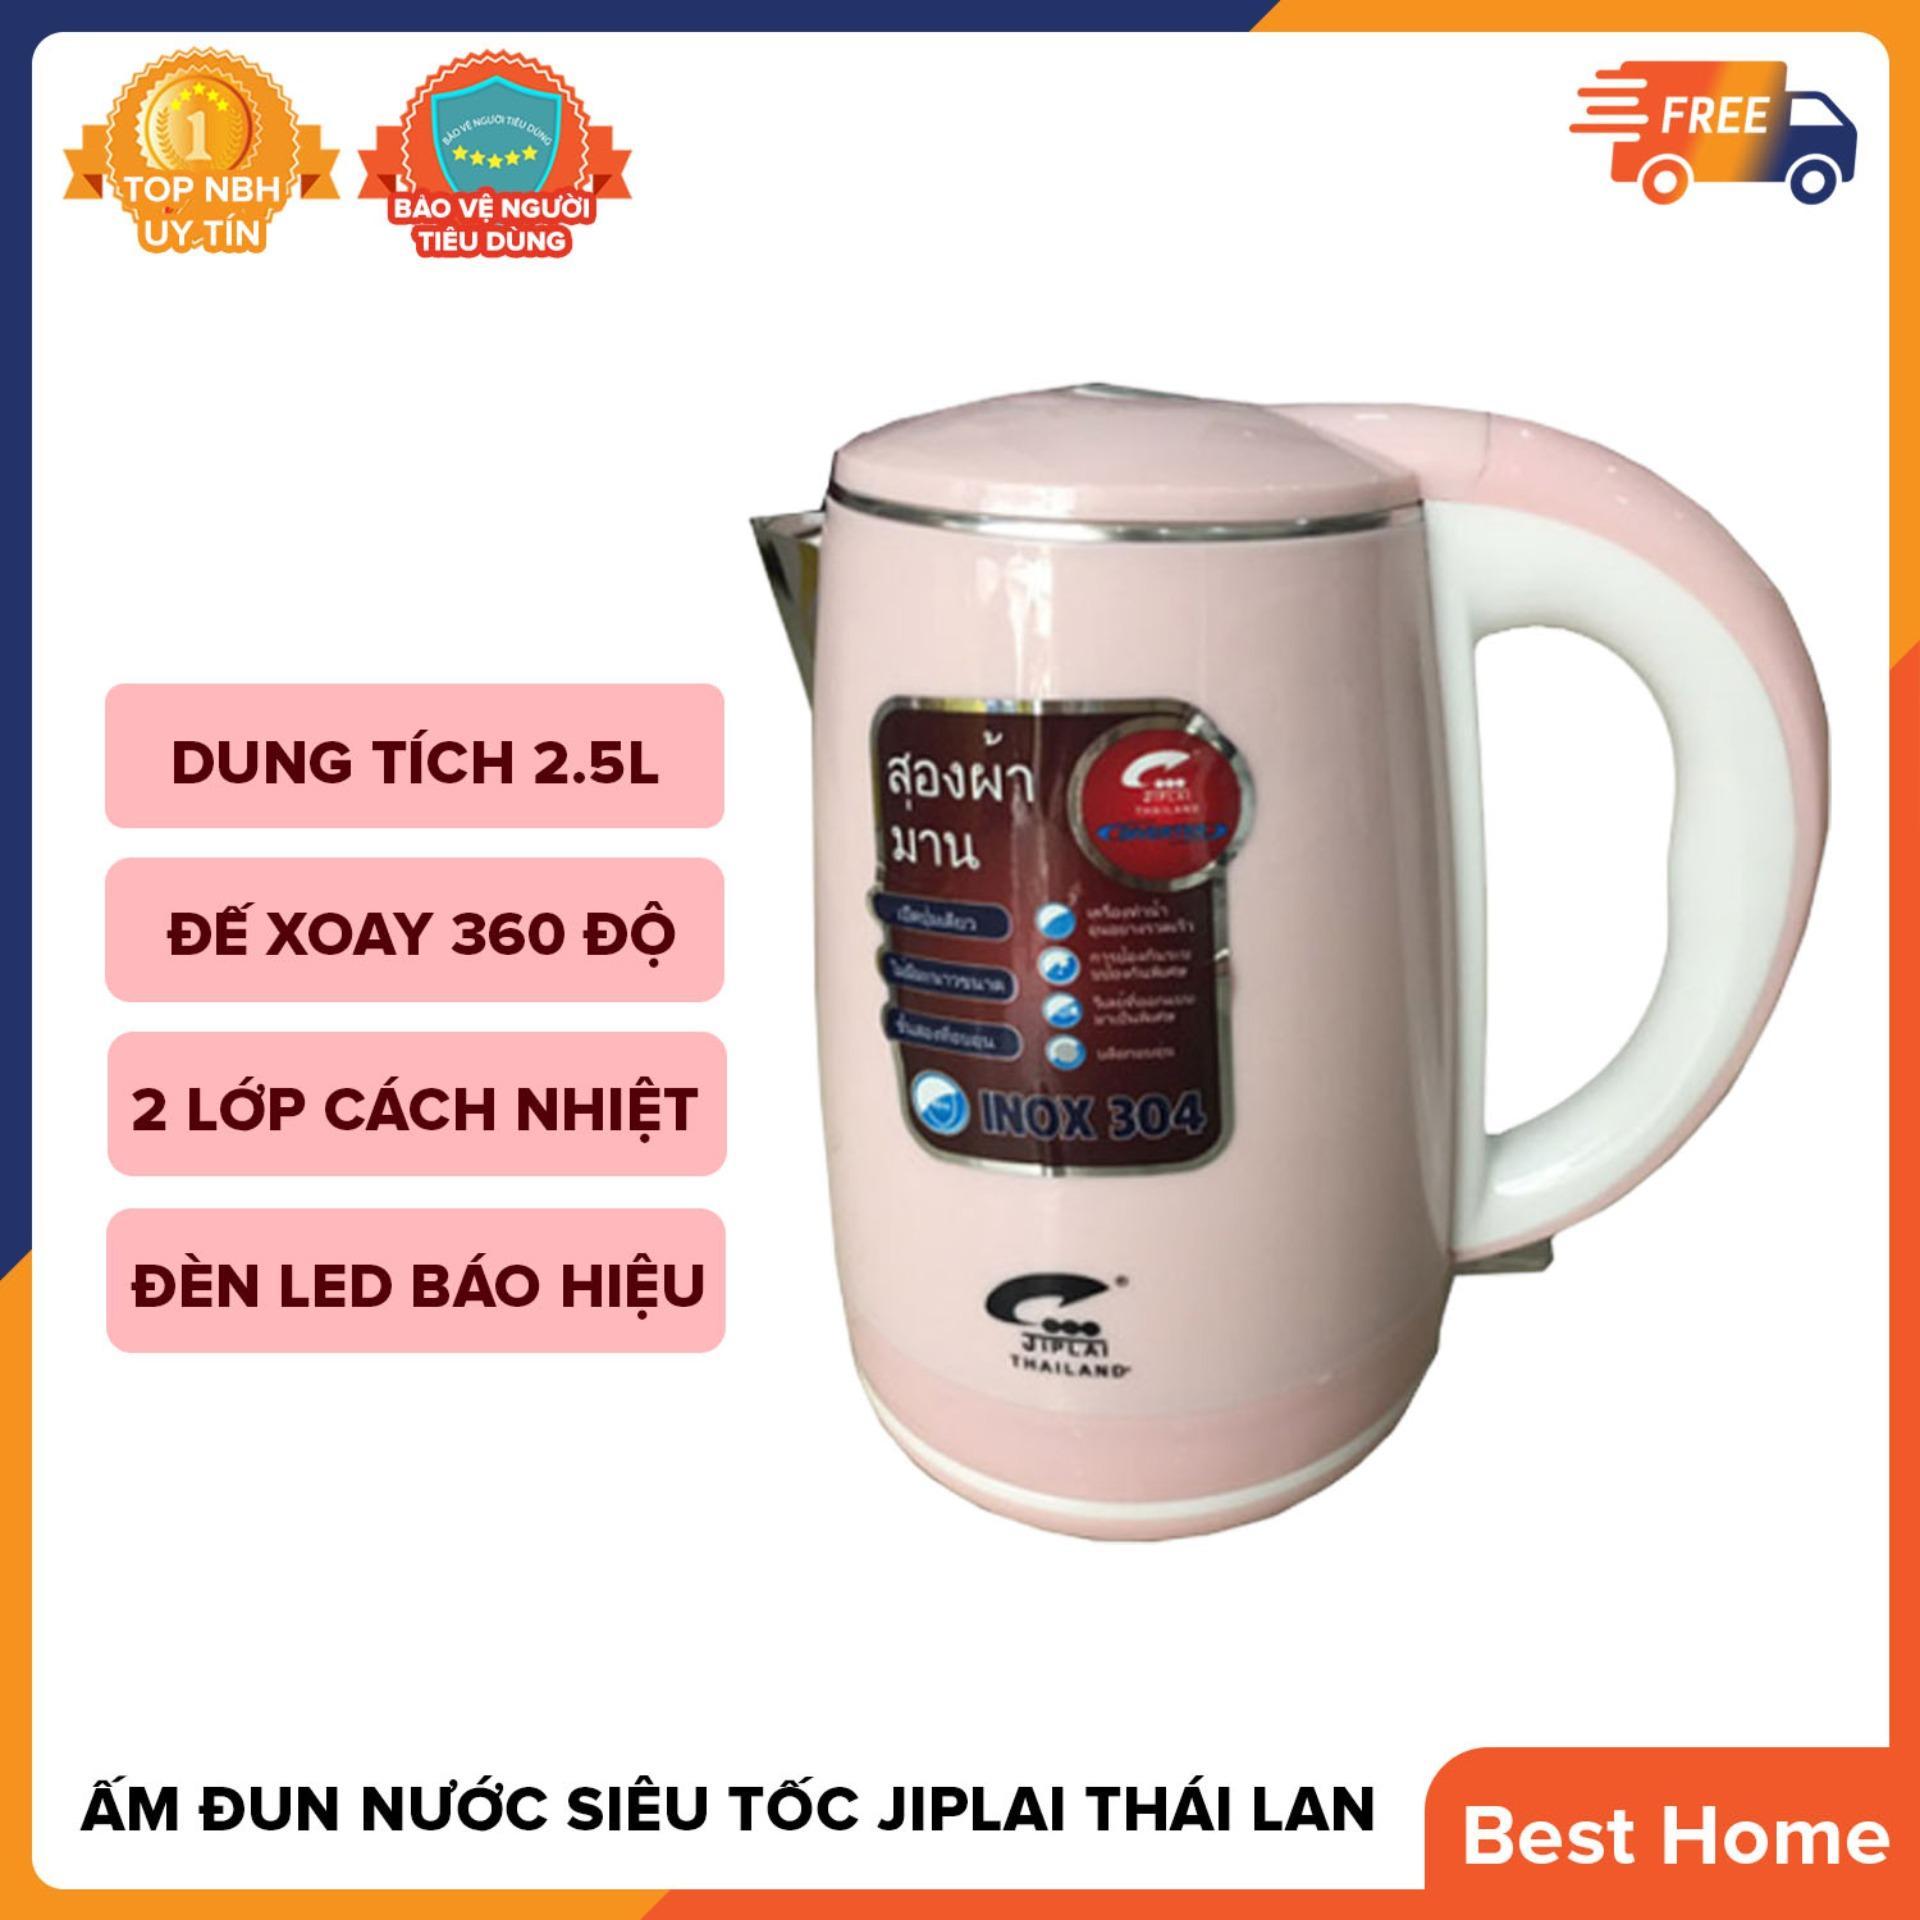 Bình đun nước siêu tốc 2.5L JIPLAI Thái Lan 2 lớp inox và nhựa cách nhiệt an toàn - Ấm siêu tốc đun sôi nước 1800W tự ngắt tiết kiệm điện, có đèn led báo hiệu và vạch chia mức nước tiện lợi